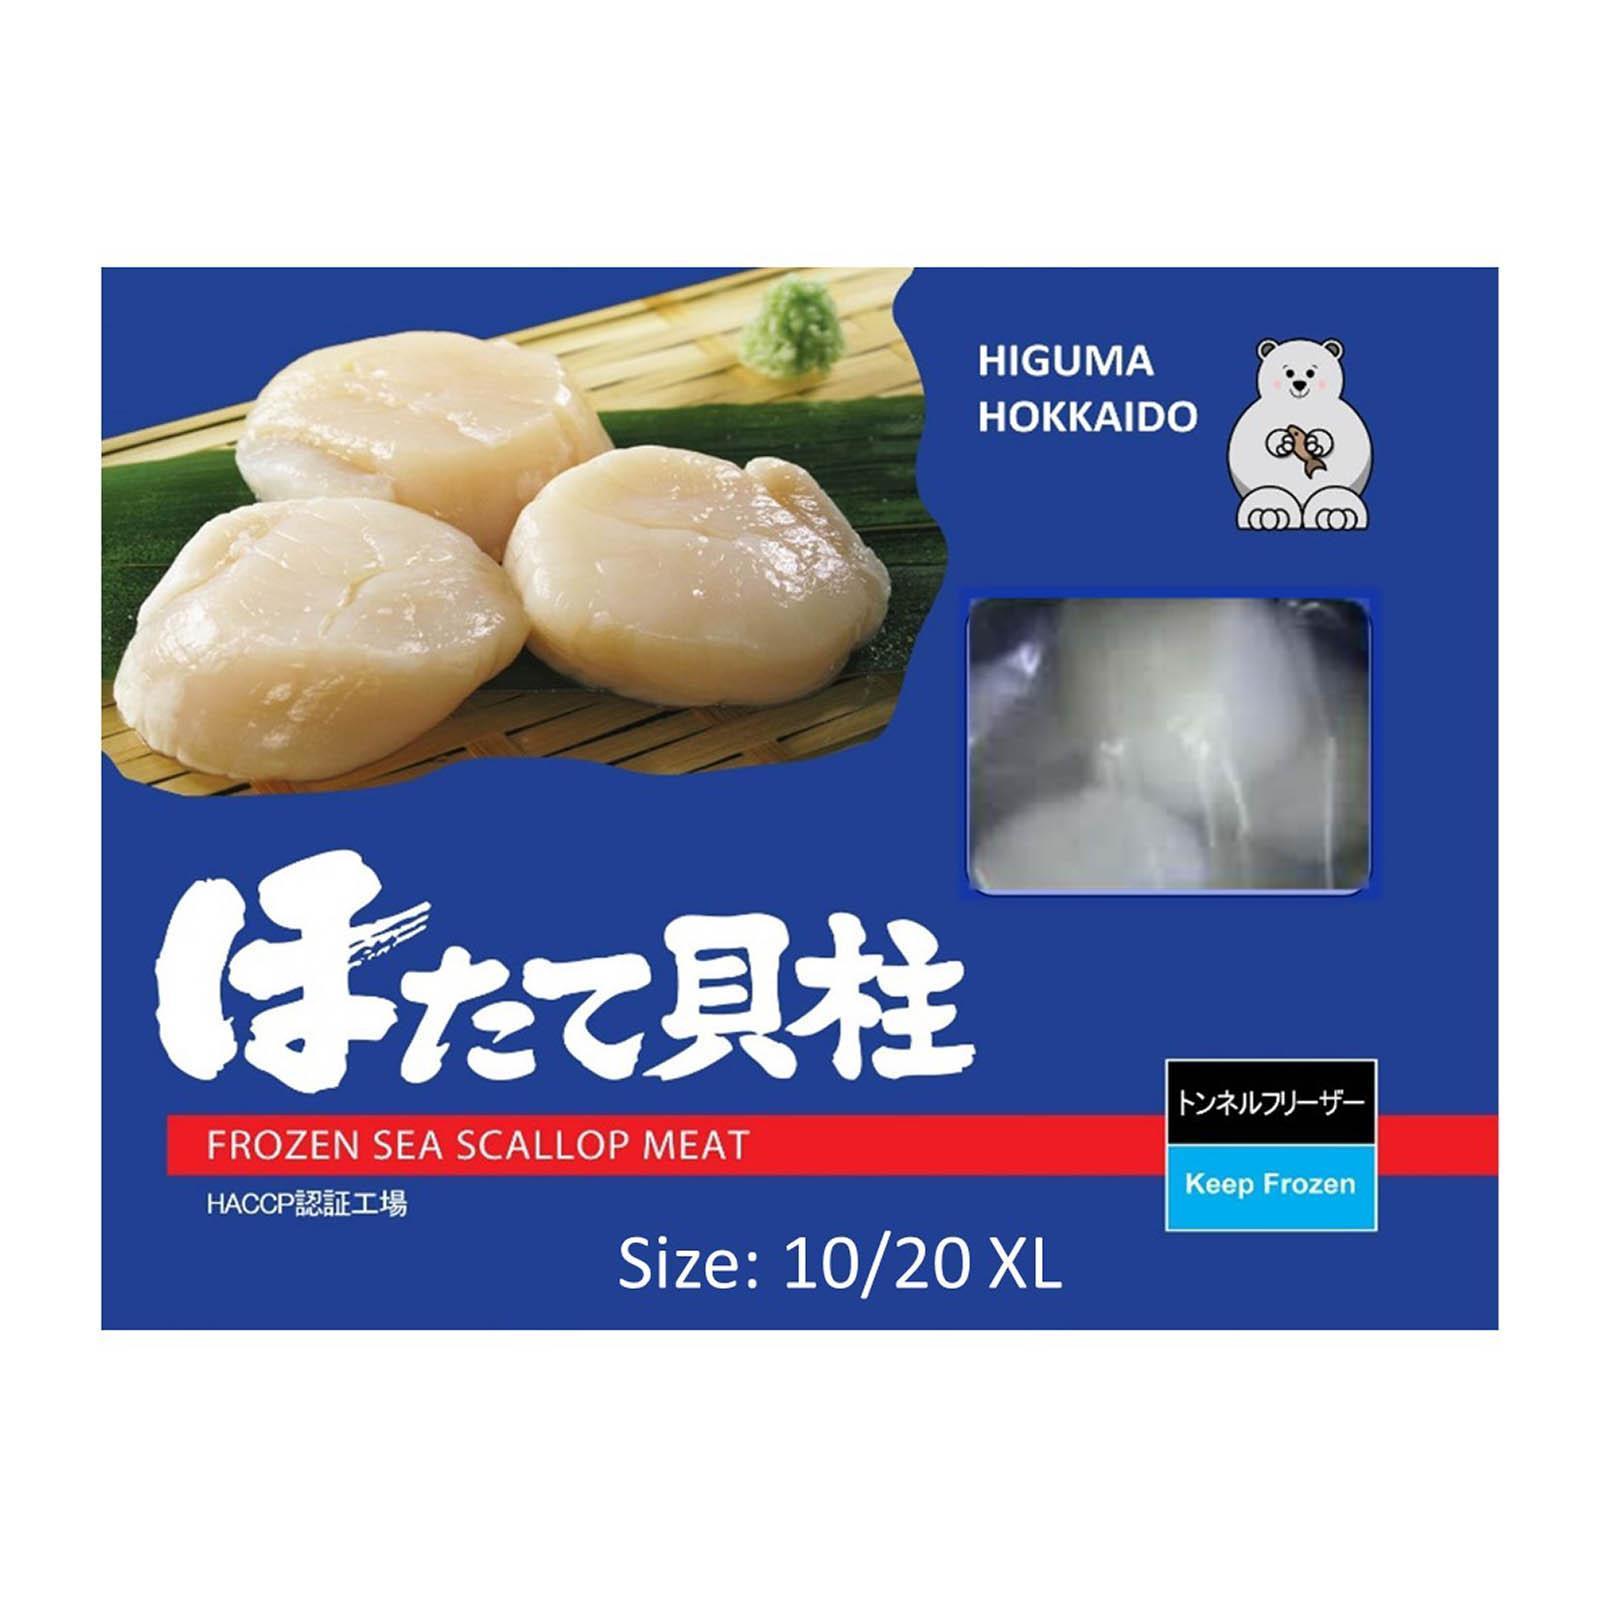 Ken Ken Hokkaido Scallop Meat (10/20) XL - Frozen